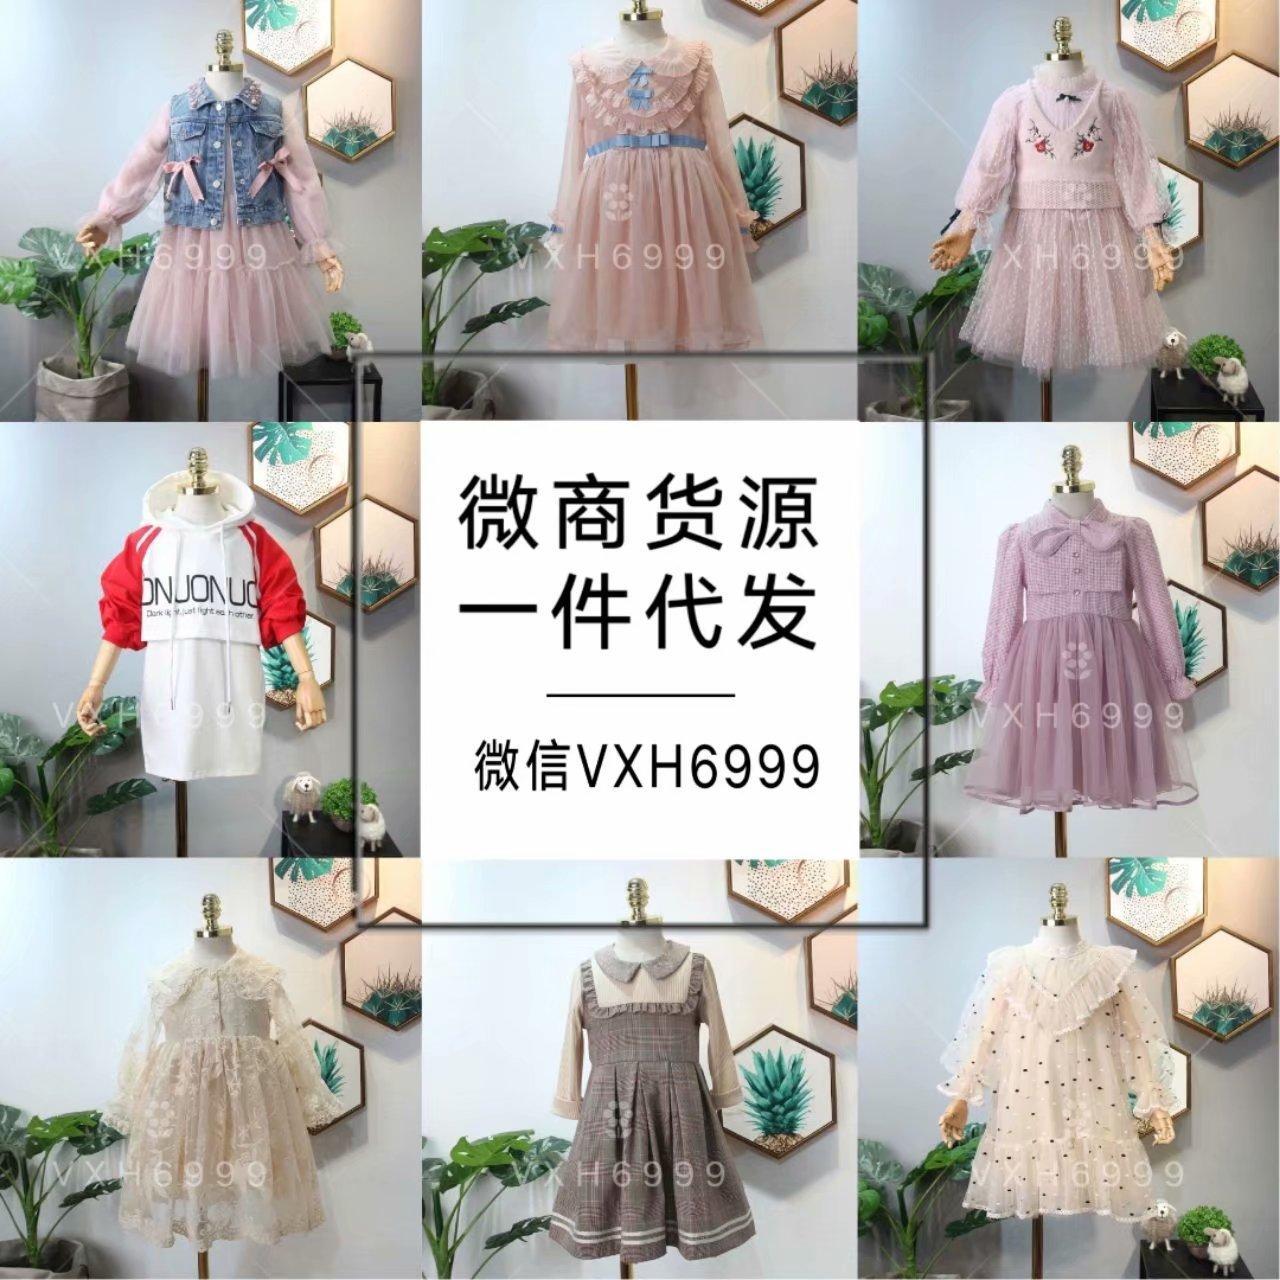 梦梦家出售靠谱女装童装一手货源,货源全、门槛低、手把手教